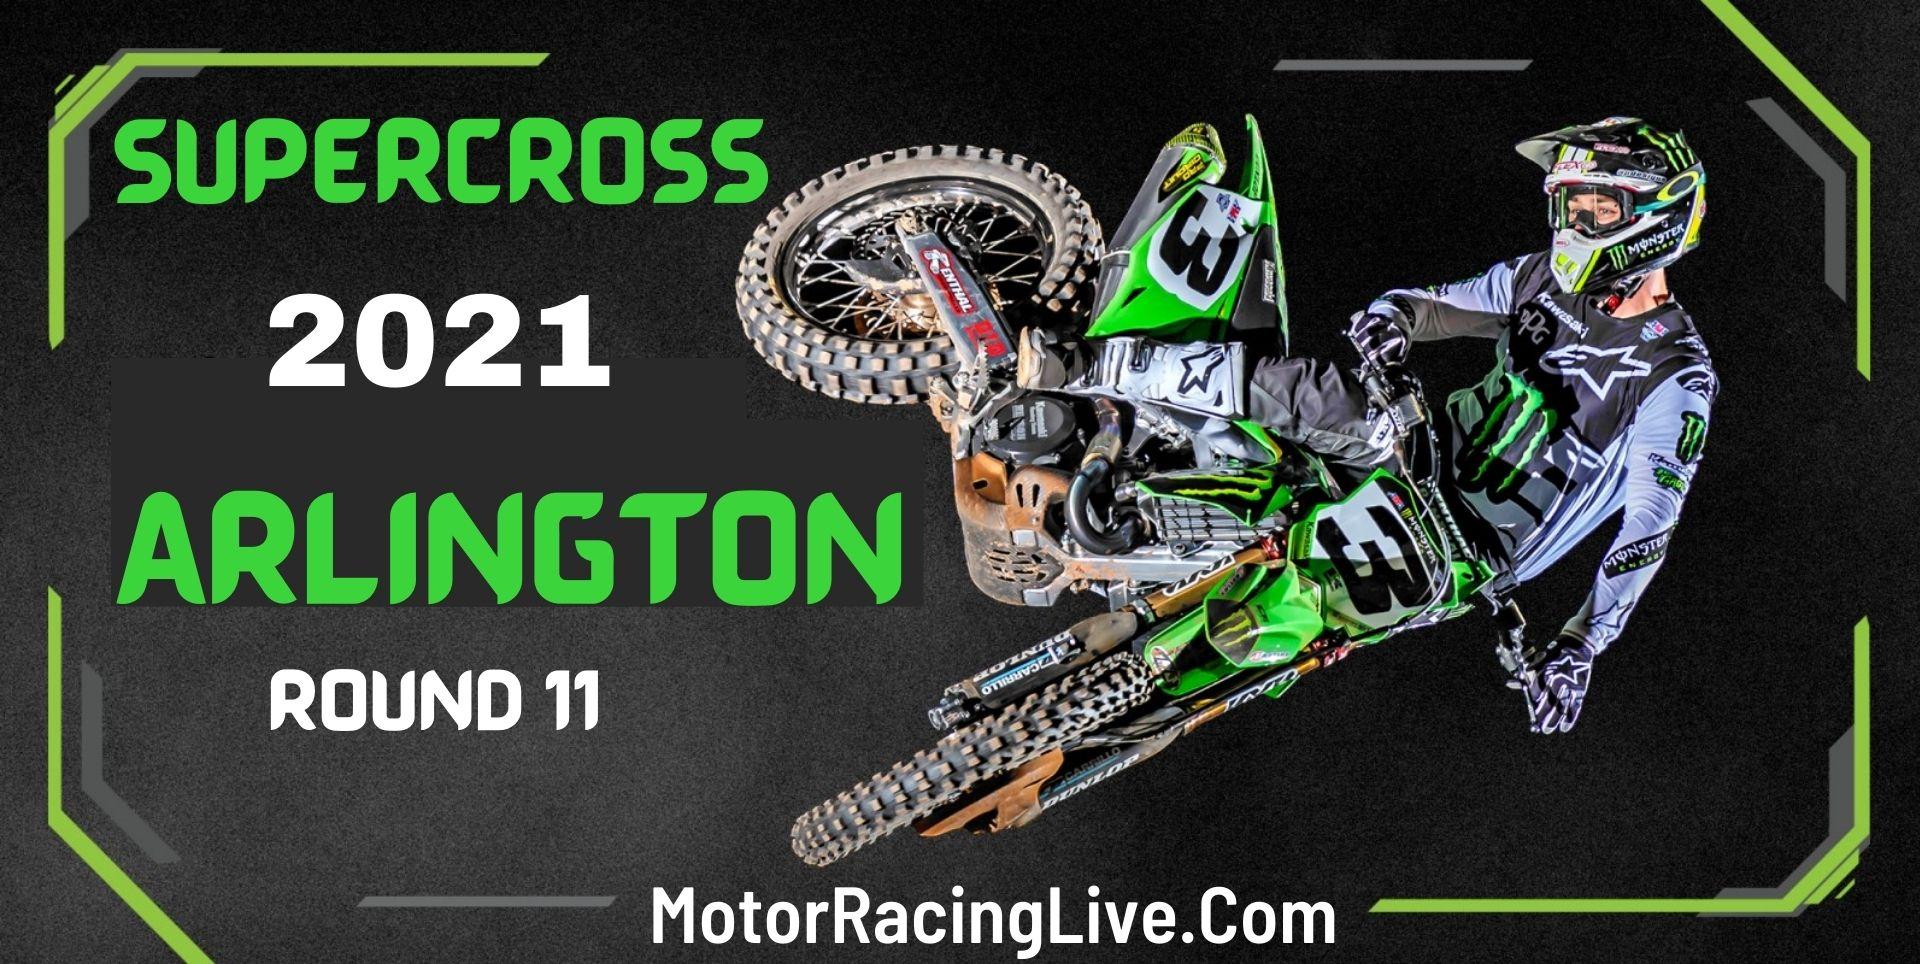 Supercross Arlington Round 11 Live Stream 16-Mar 2021